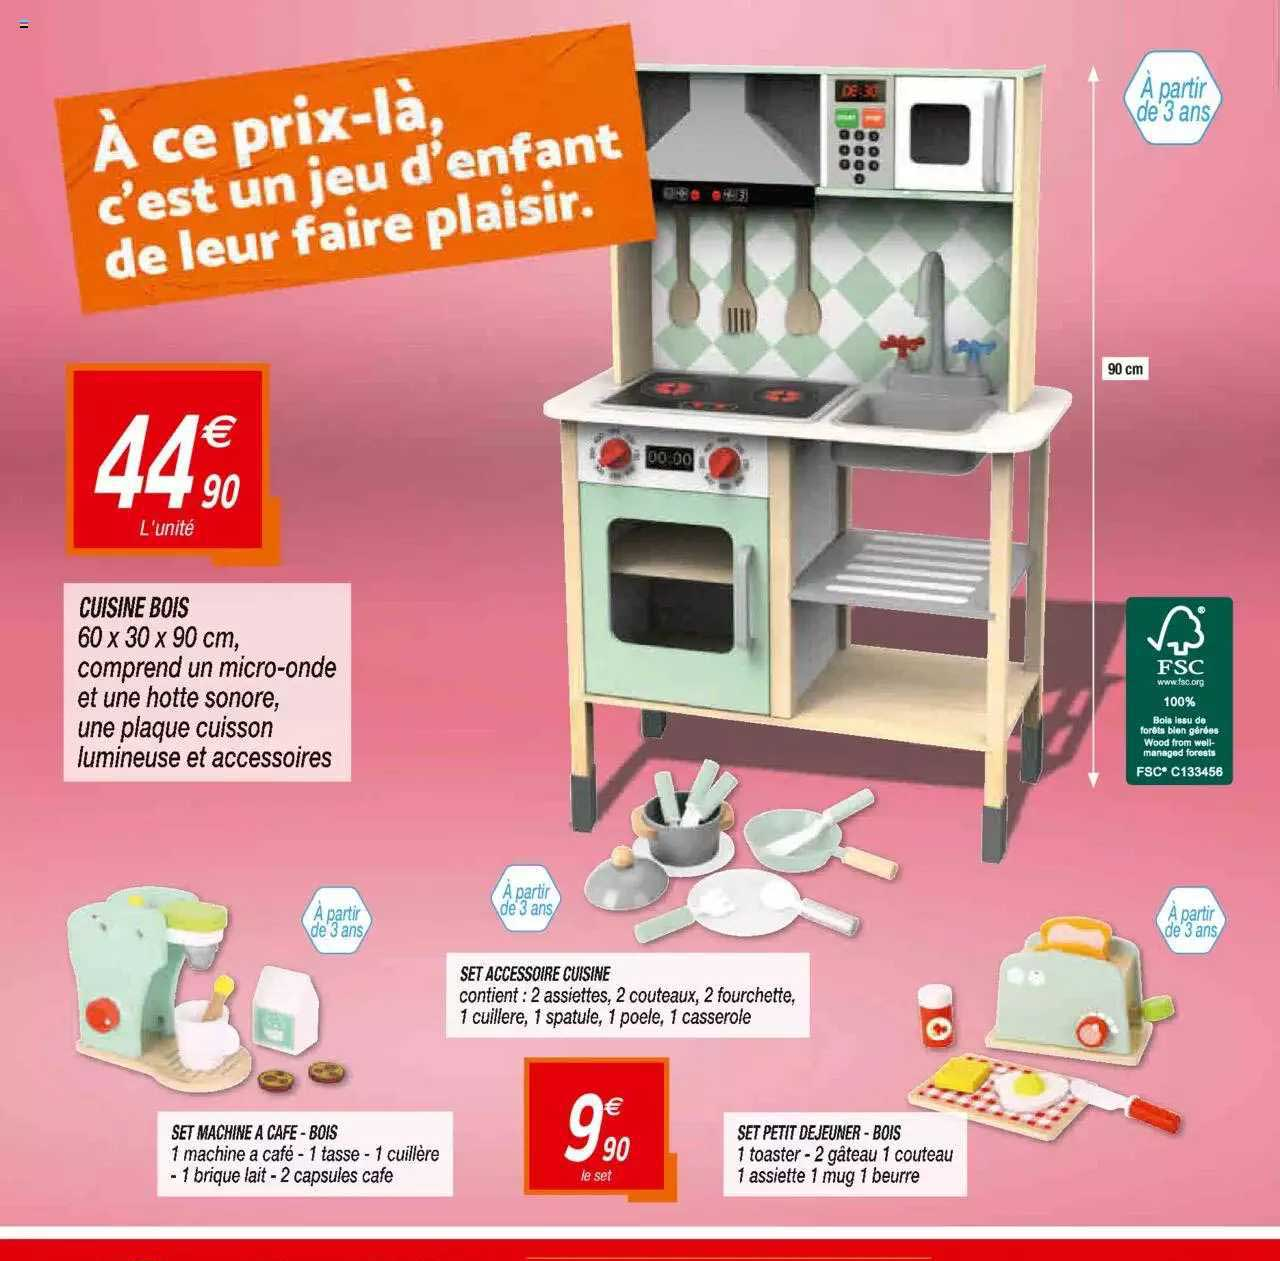 Netto Cuisine Bois, Set Machine à Café - Bois, Set Accessoire Cuisine, Set Petit Déjeuner - Bois